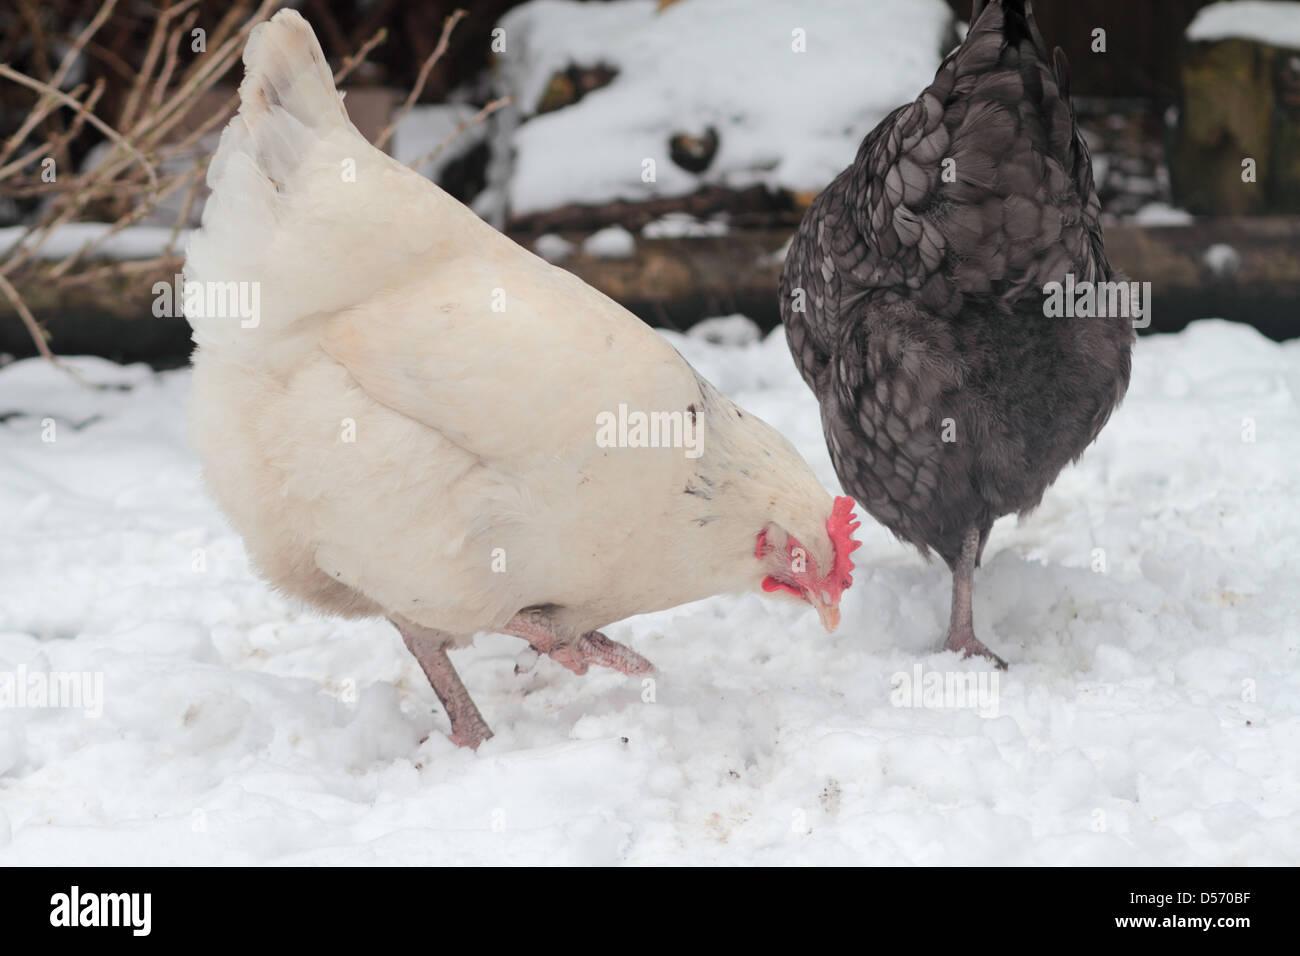 Leichte Sussex reinrassige Hühner im Schnee. Stockbild